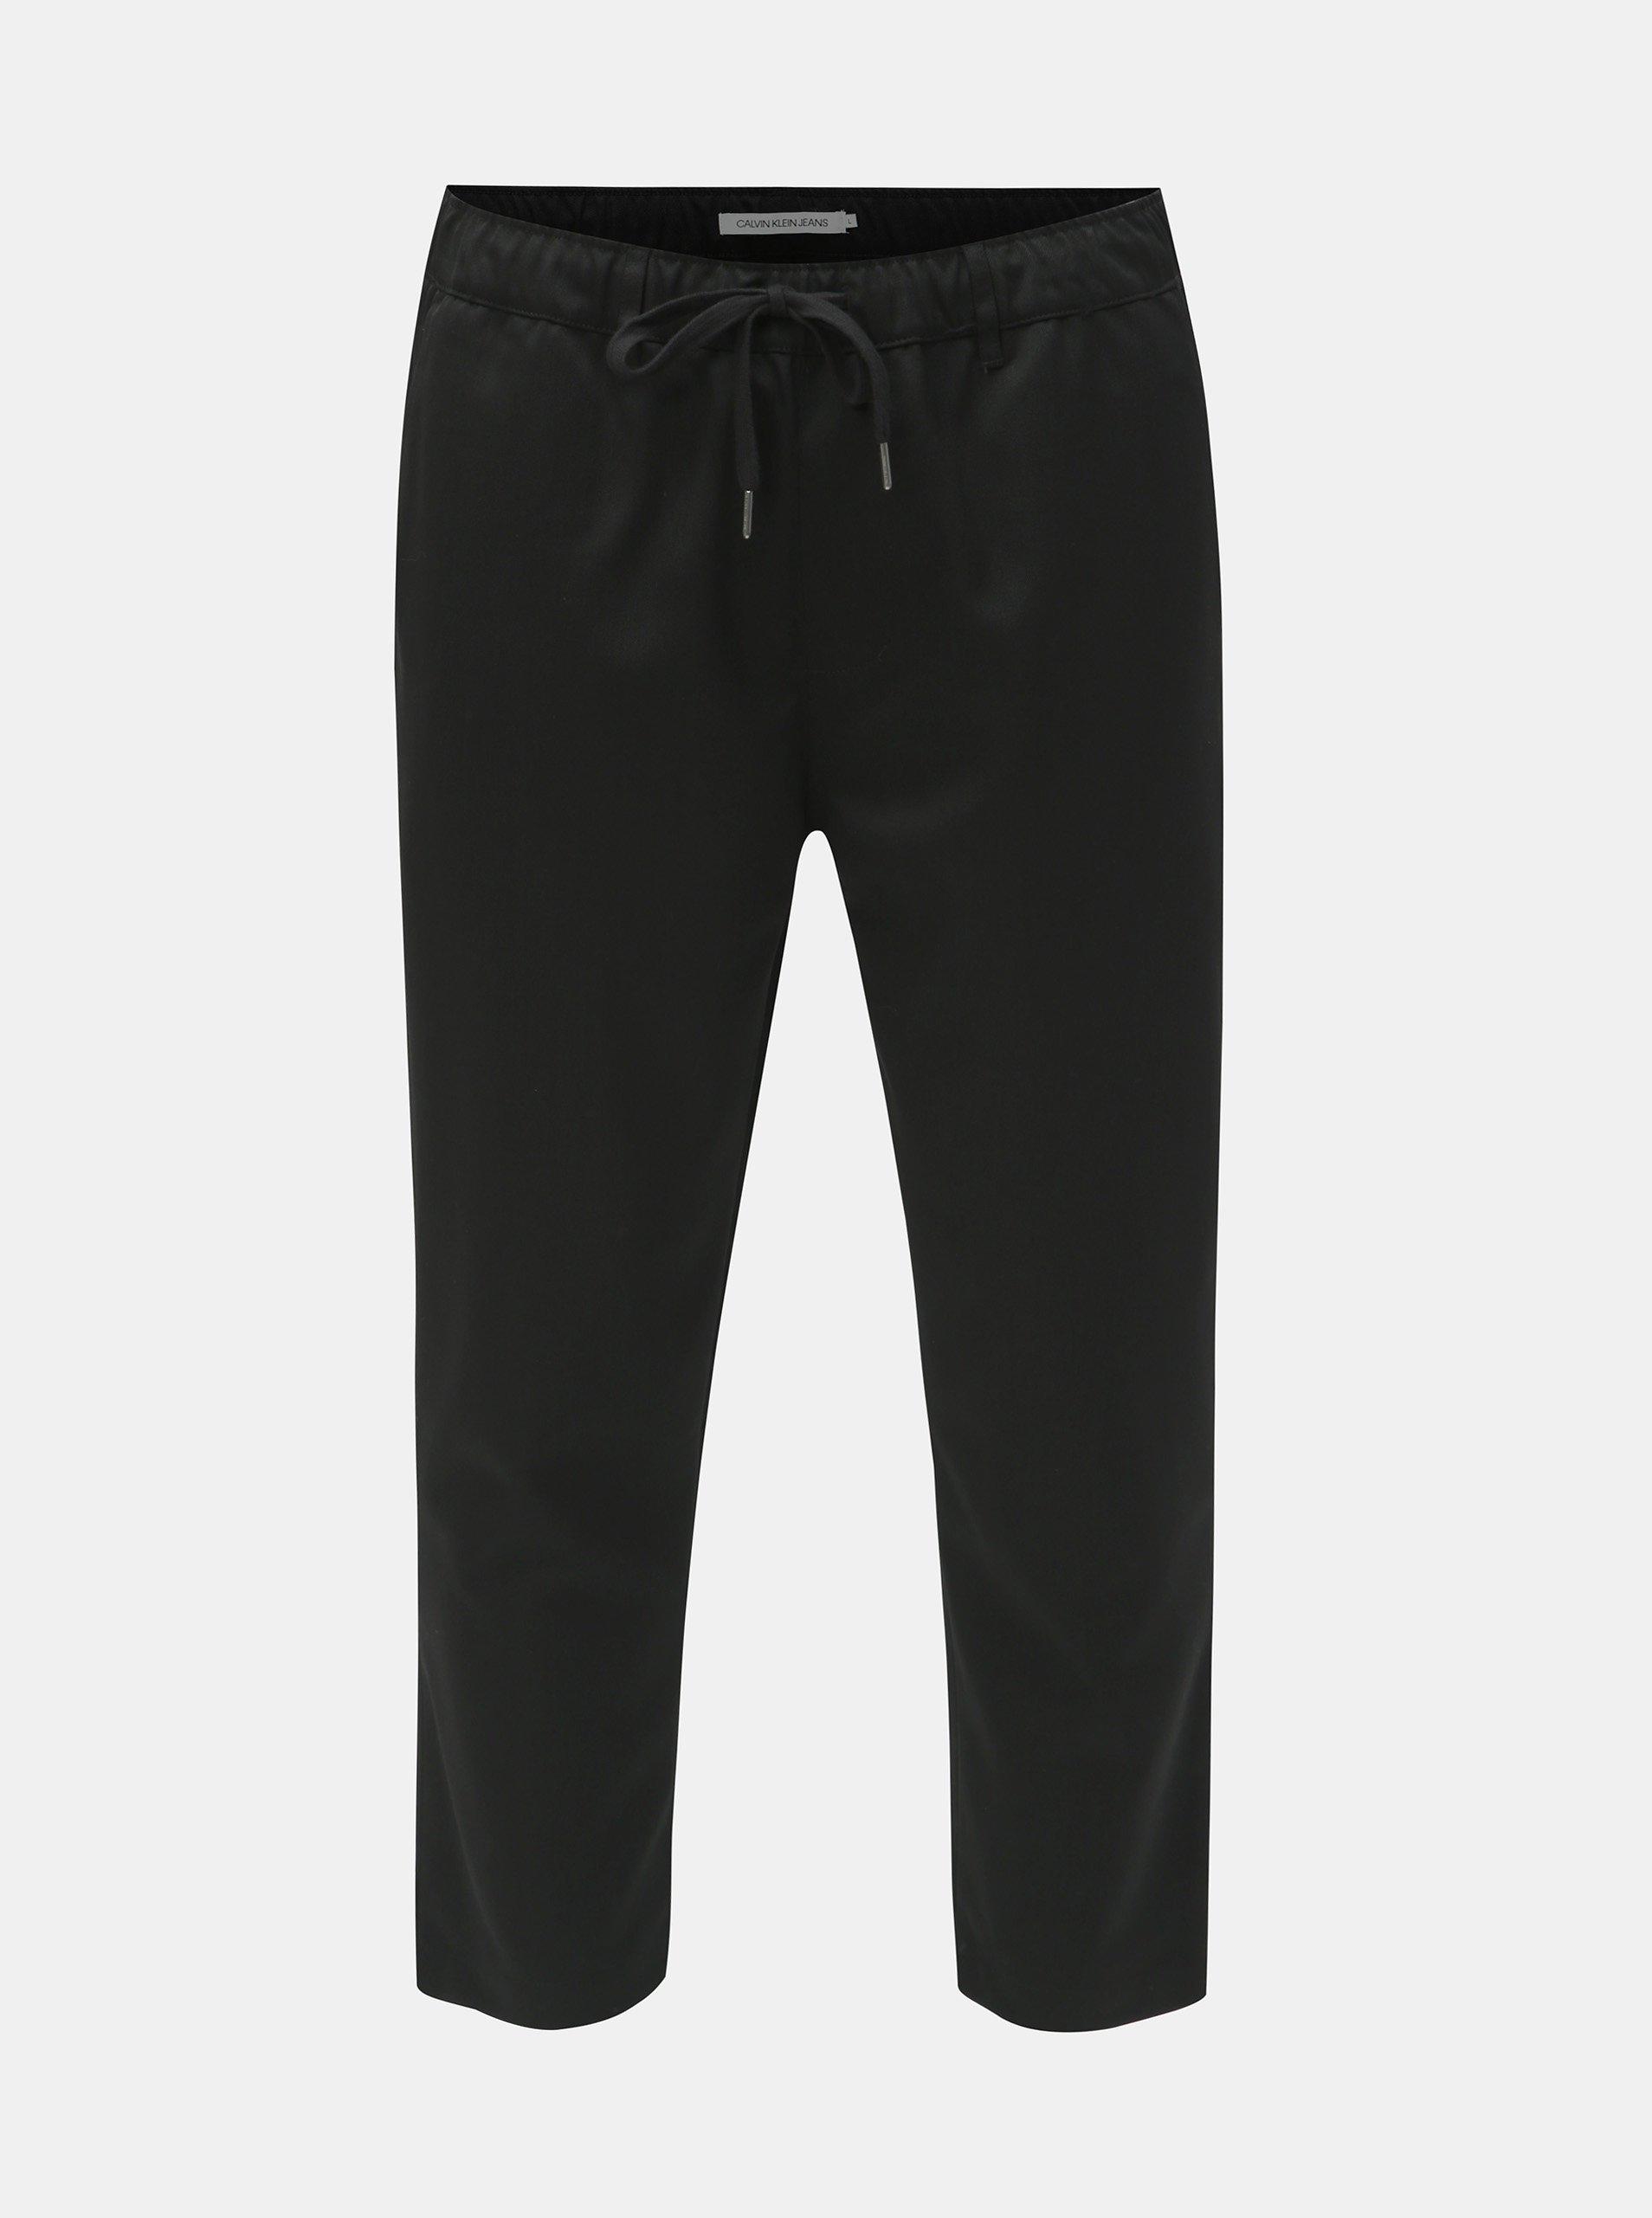 Černé pánské zkrácené kalhoty s příměsí vlny Calvin Klein Jeans